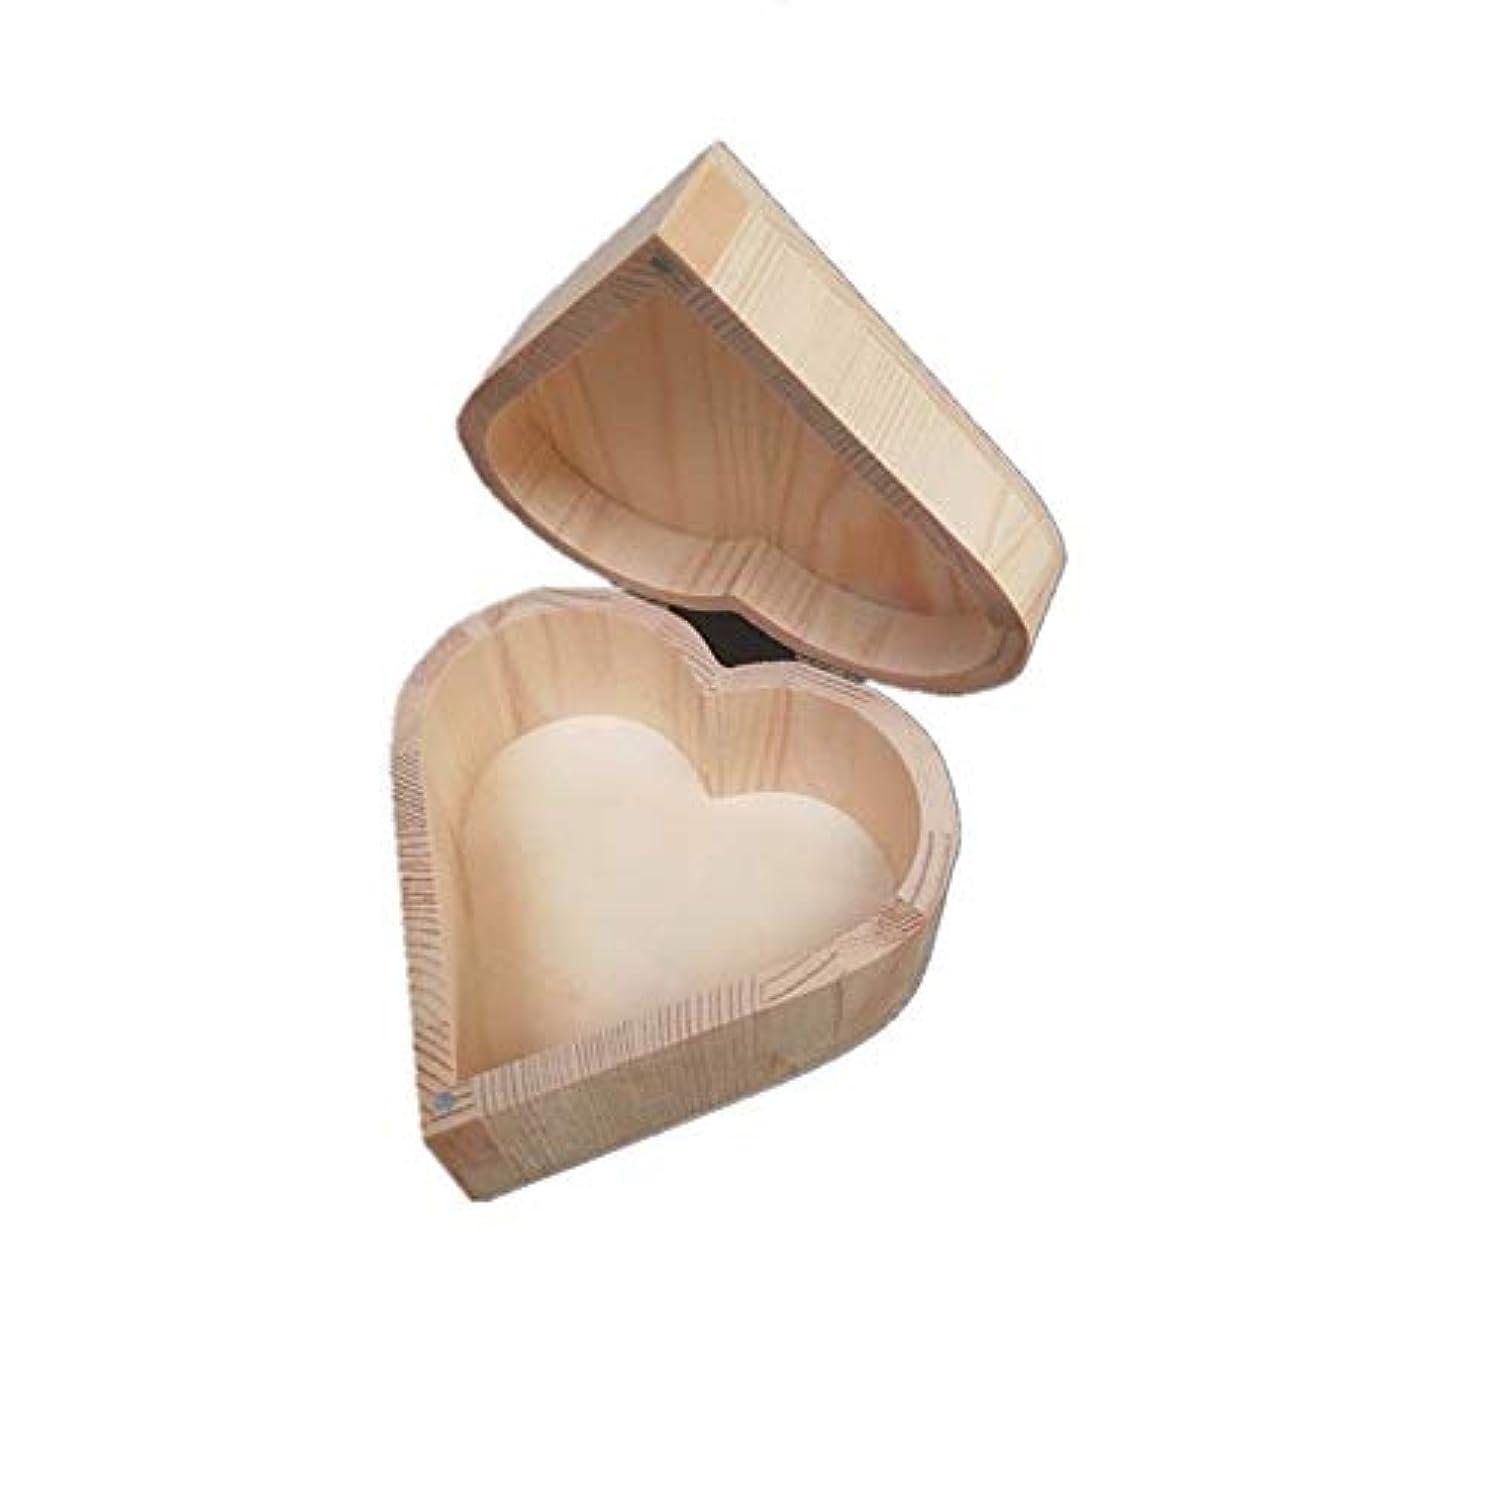 花婿浅い無実手作りハート木製のエッセンシャルオイルボックスパーフェクトエッセンシャルオイルケース アロマセラピー製品 (色 : Natural, サイズ : 13X13X7CM)